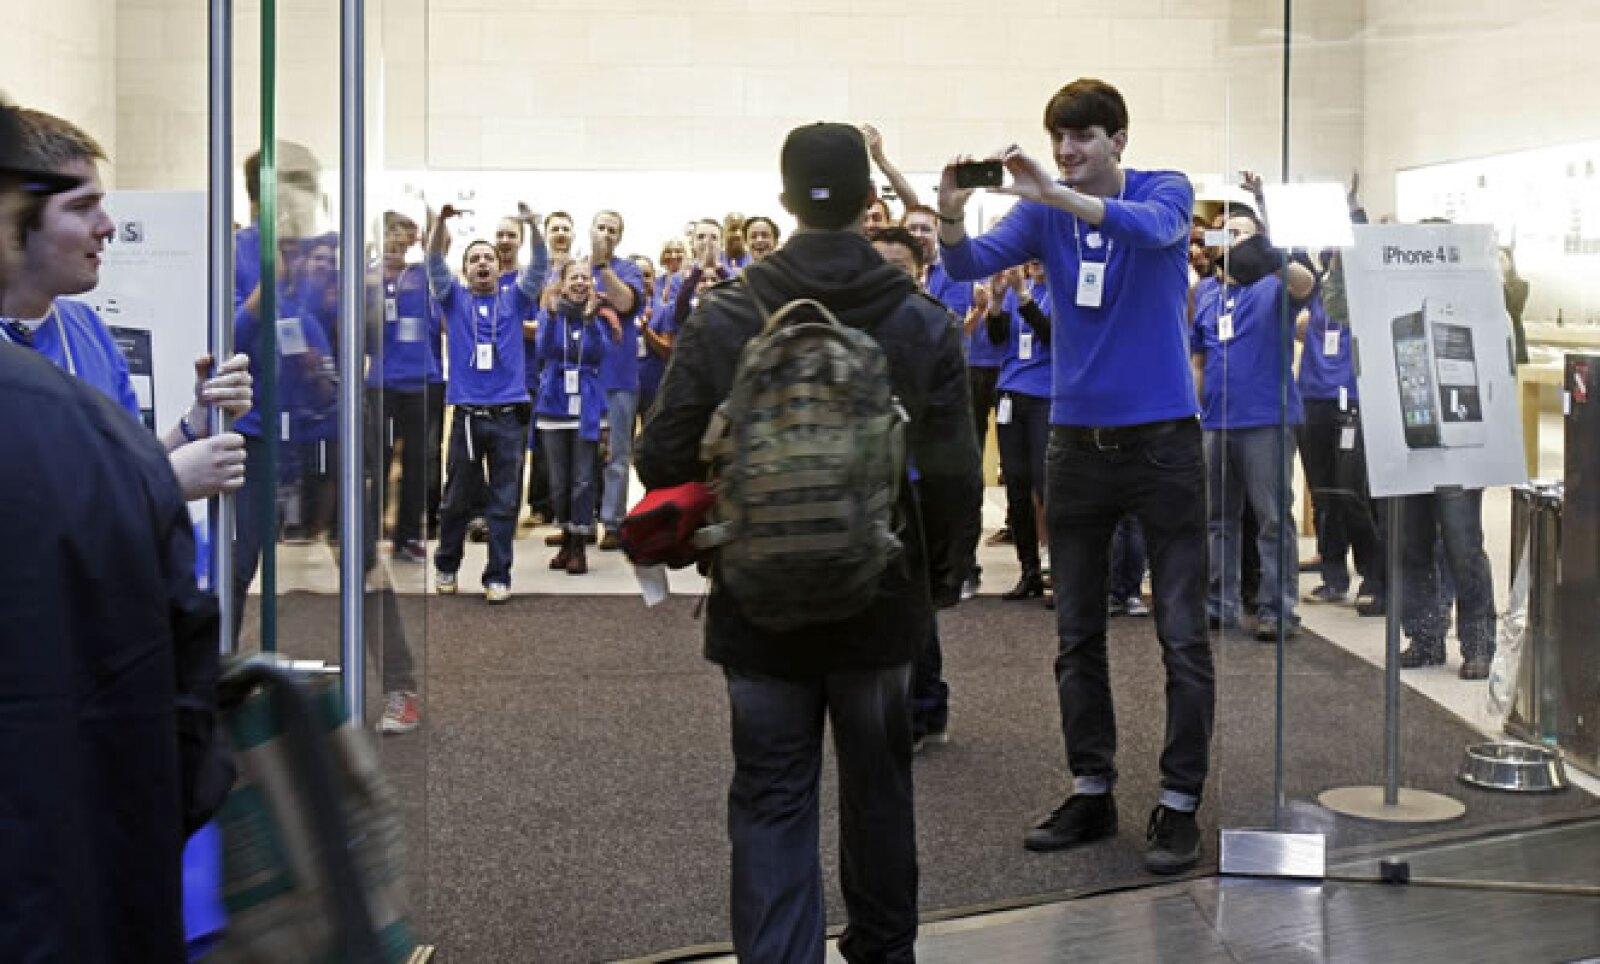 El primer comprador del nuevo iPhone en la tienda de Boston de Apple, antes de entrar a la fila.